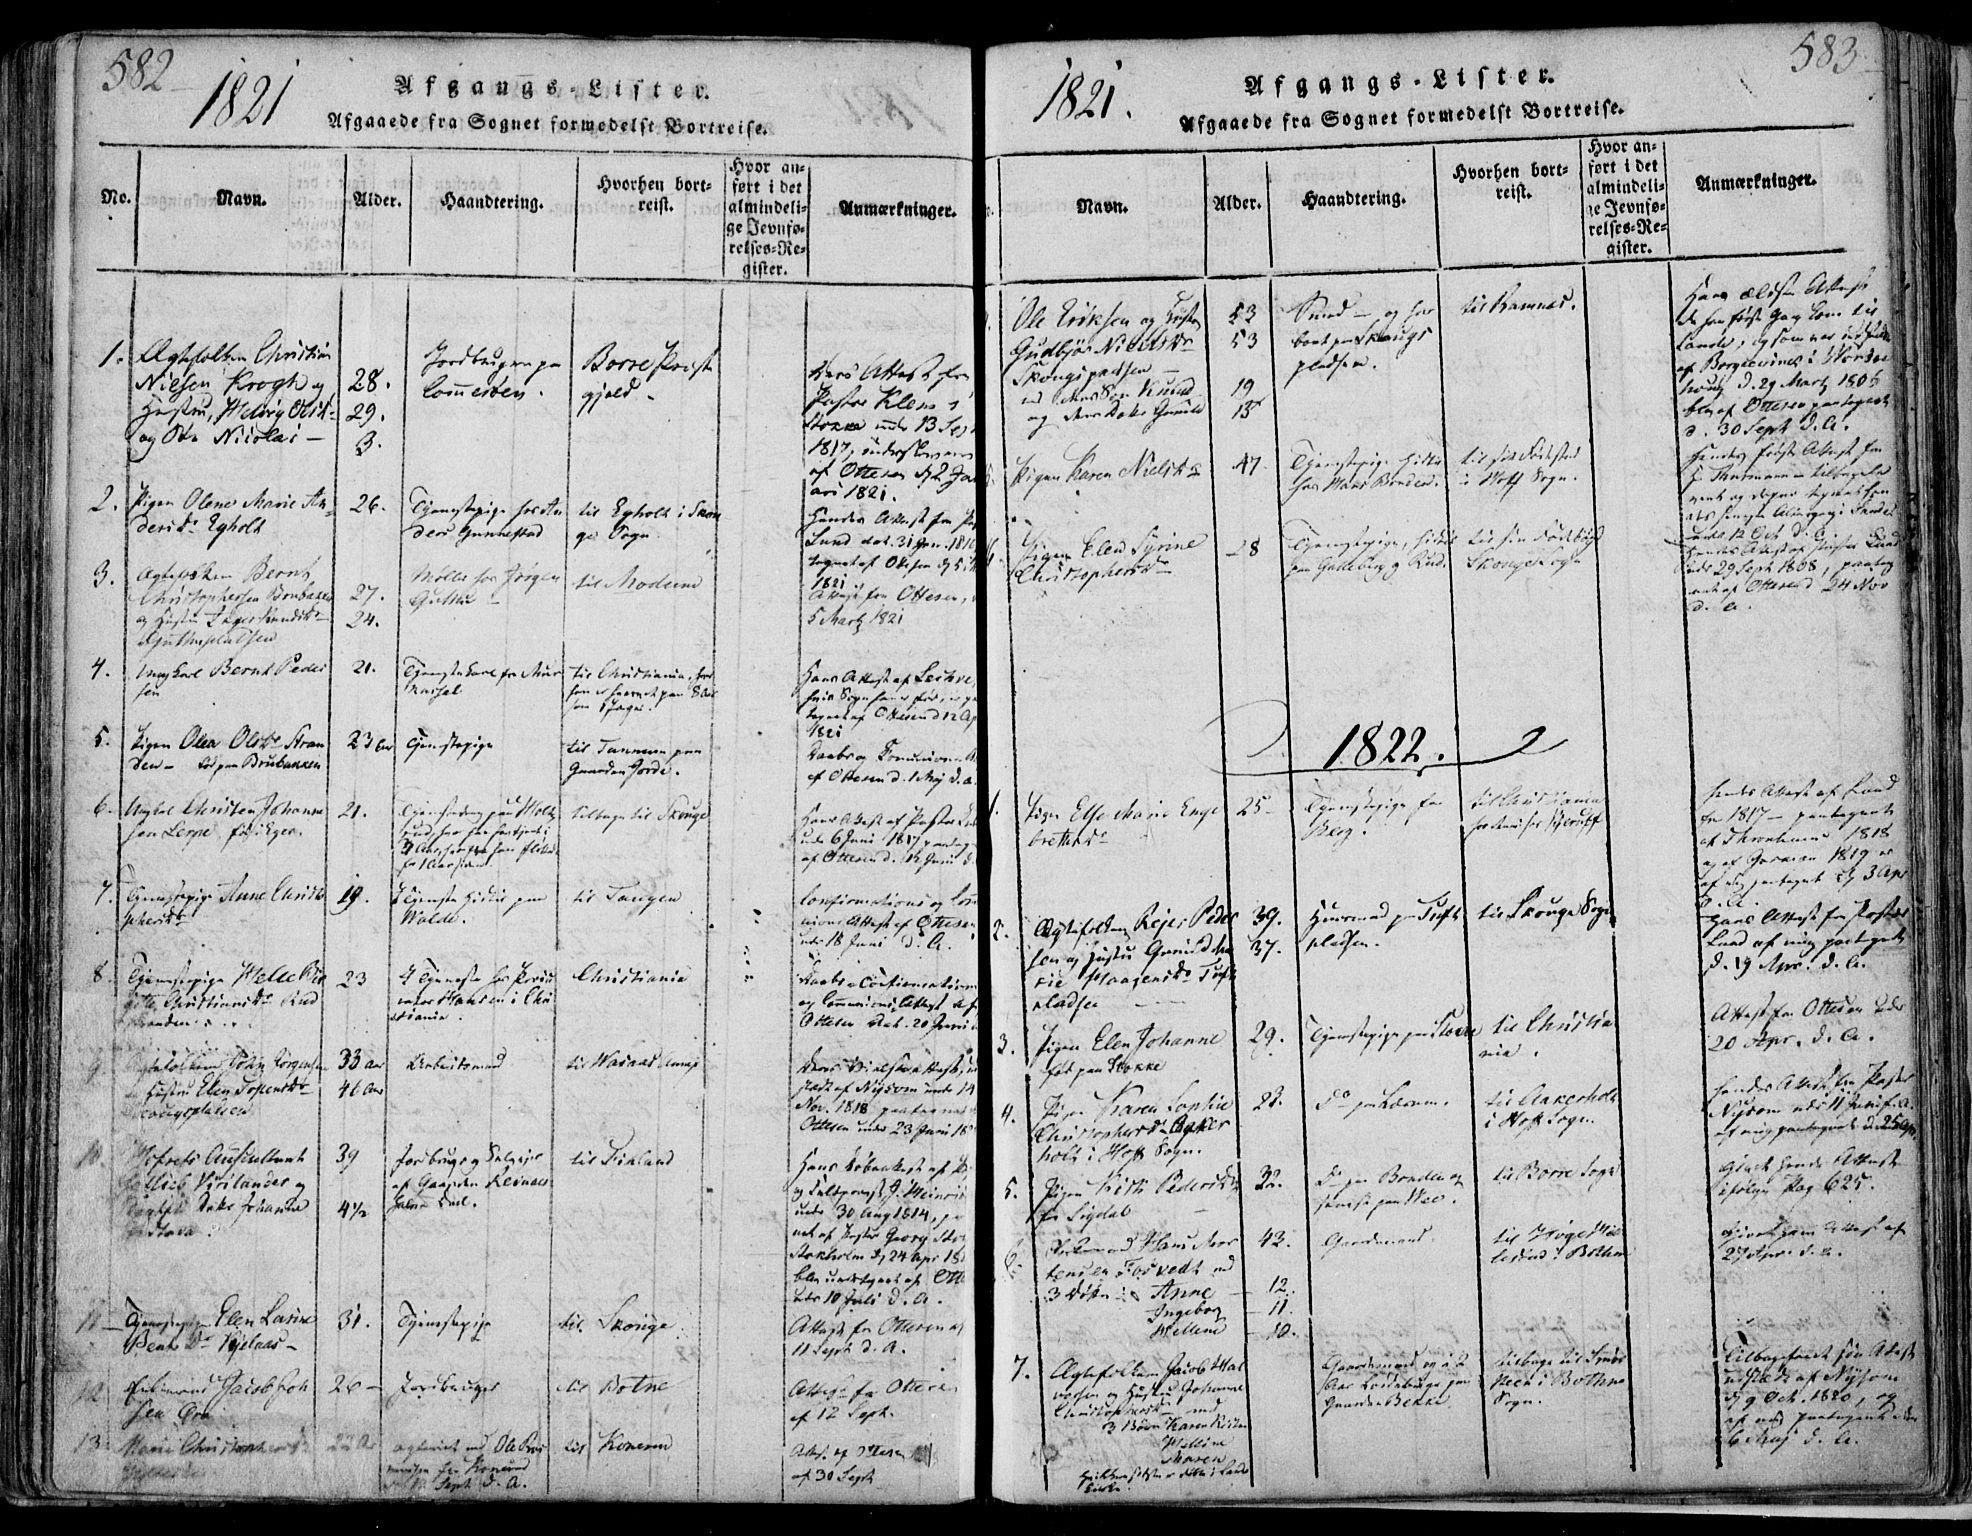 SAKO, Sande Kirkebøker, F/Fa/L0003: Ministerialbok nr. 3, 1814-1847, s. 582-583